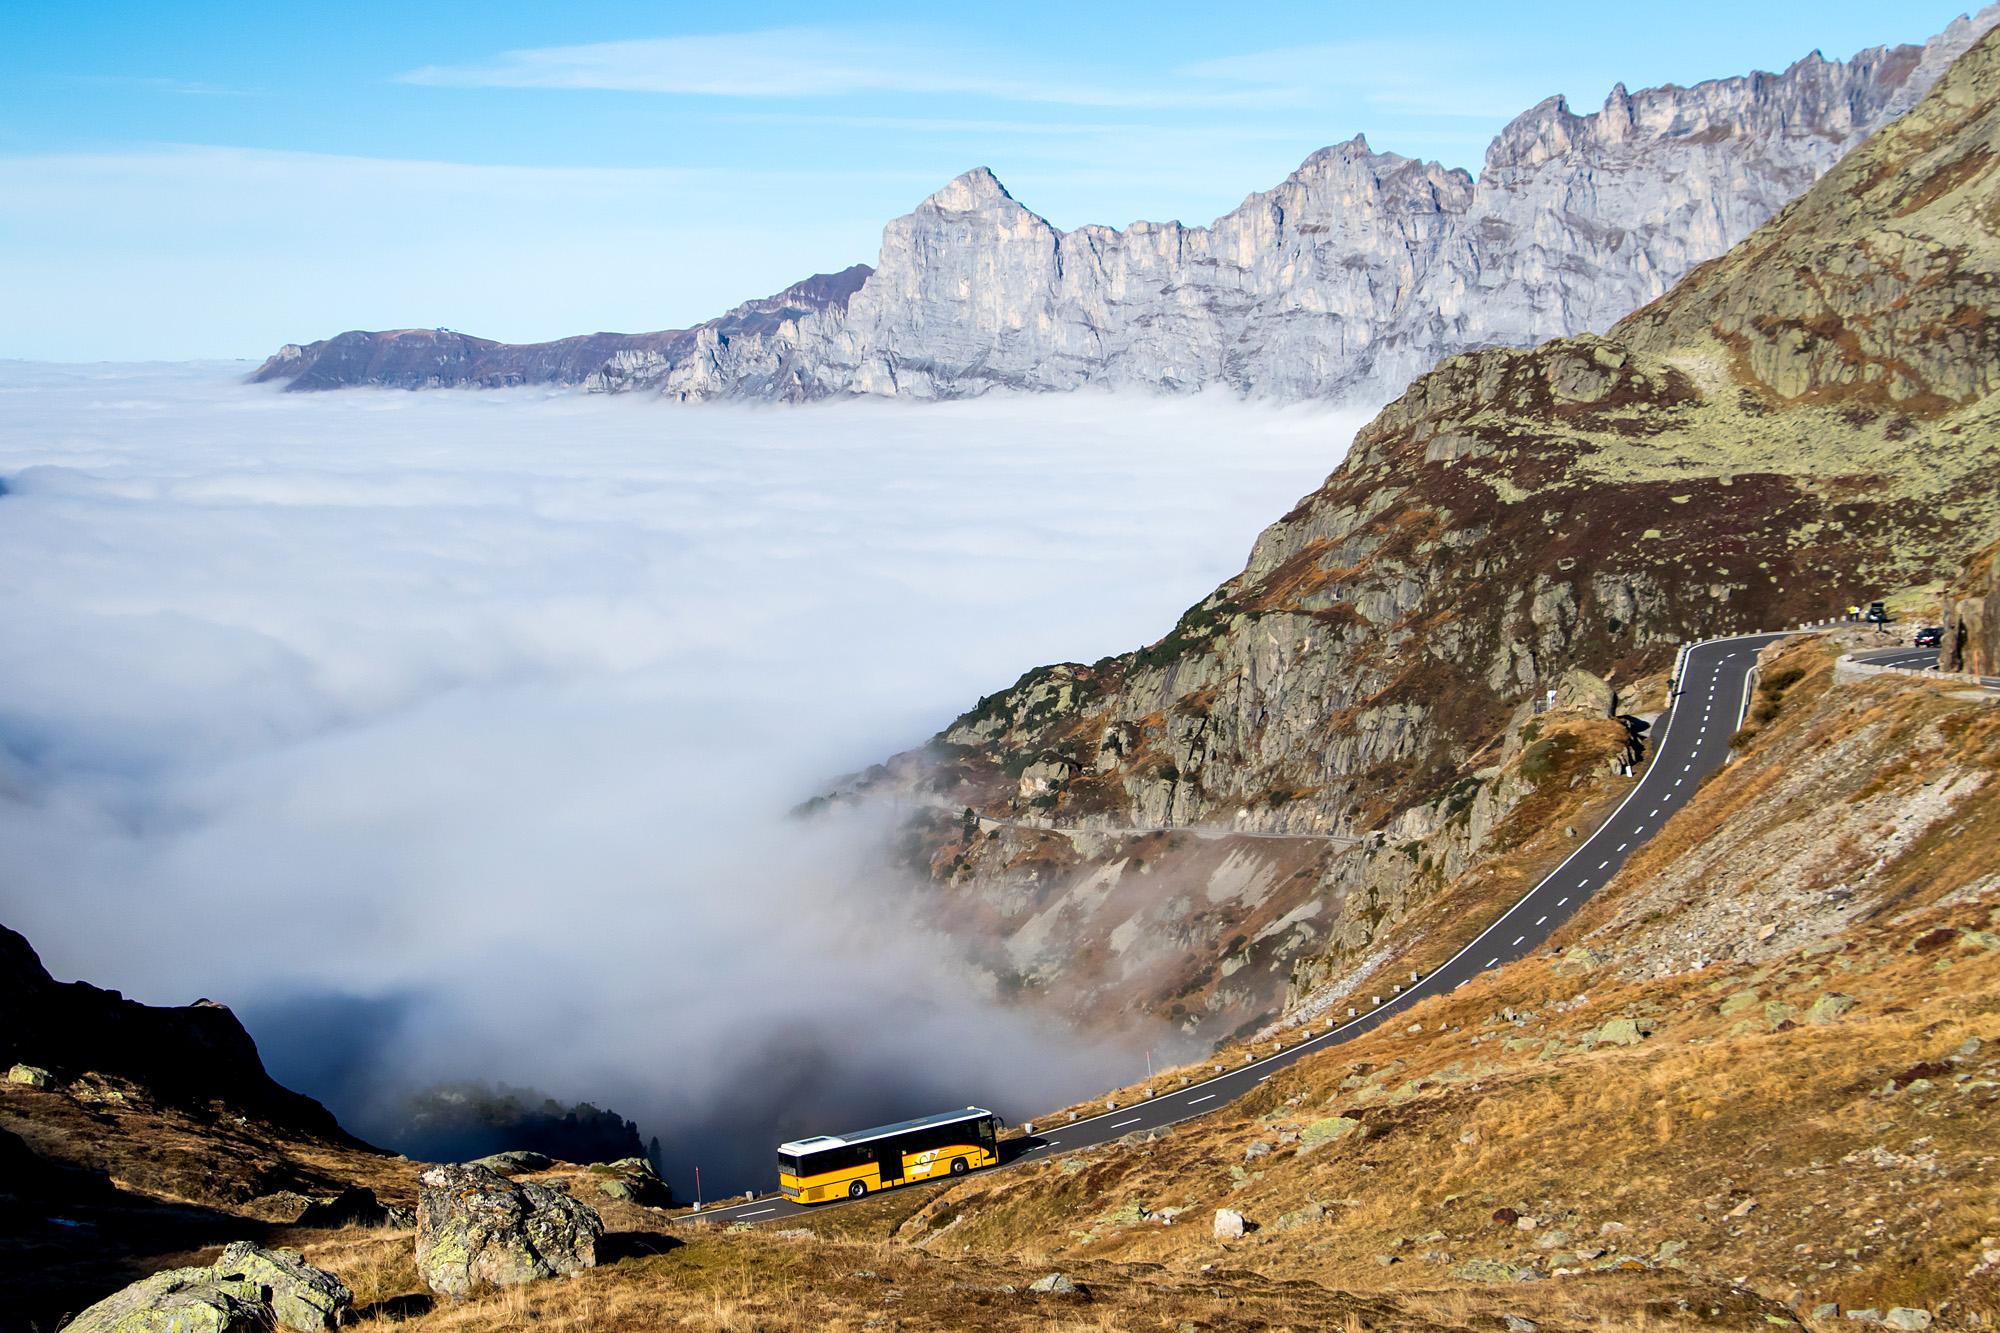 Herbsttag am Sustenpass: Bergfahrt vor traumhafter Kulisse